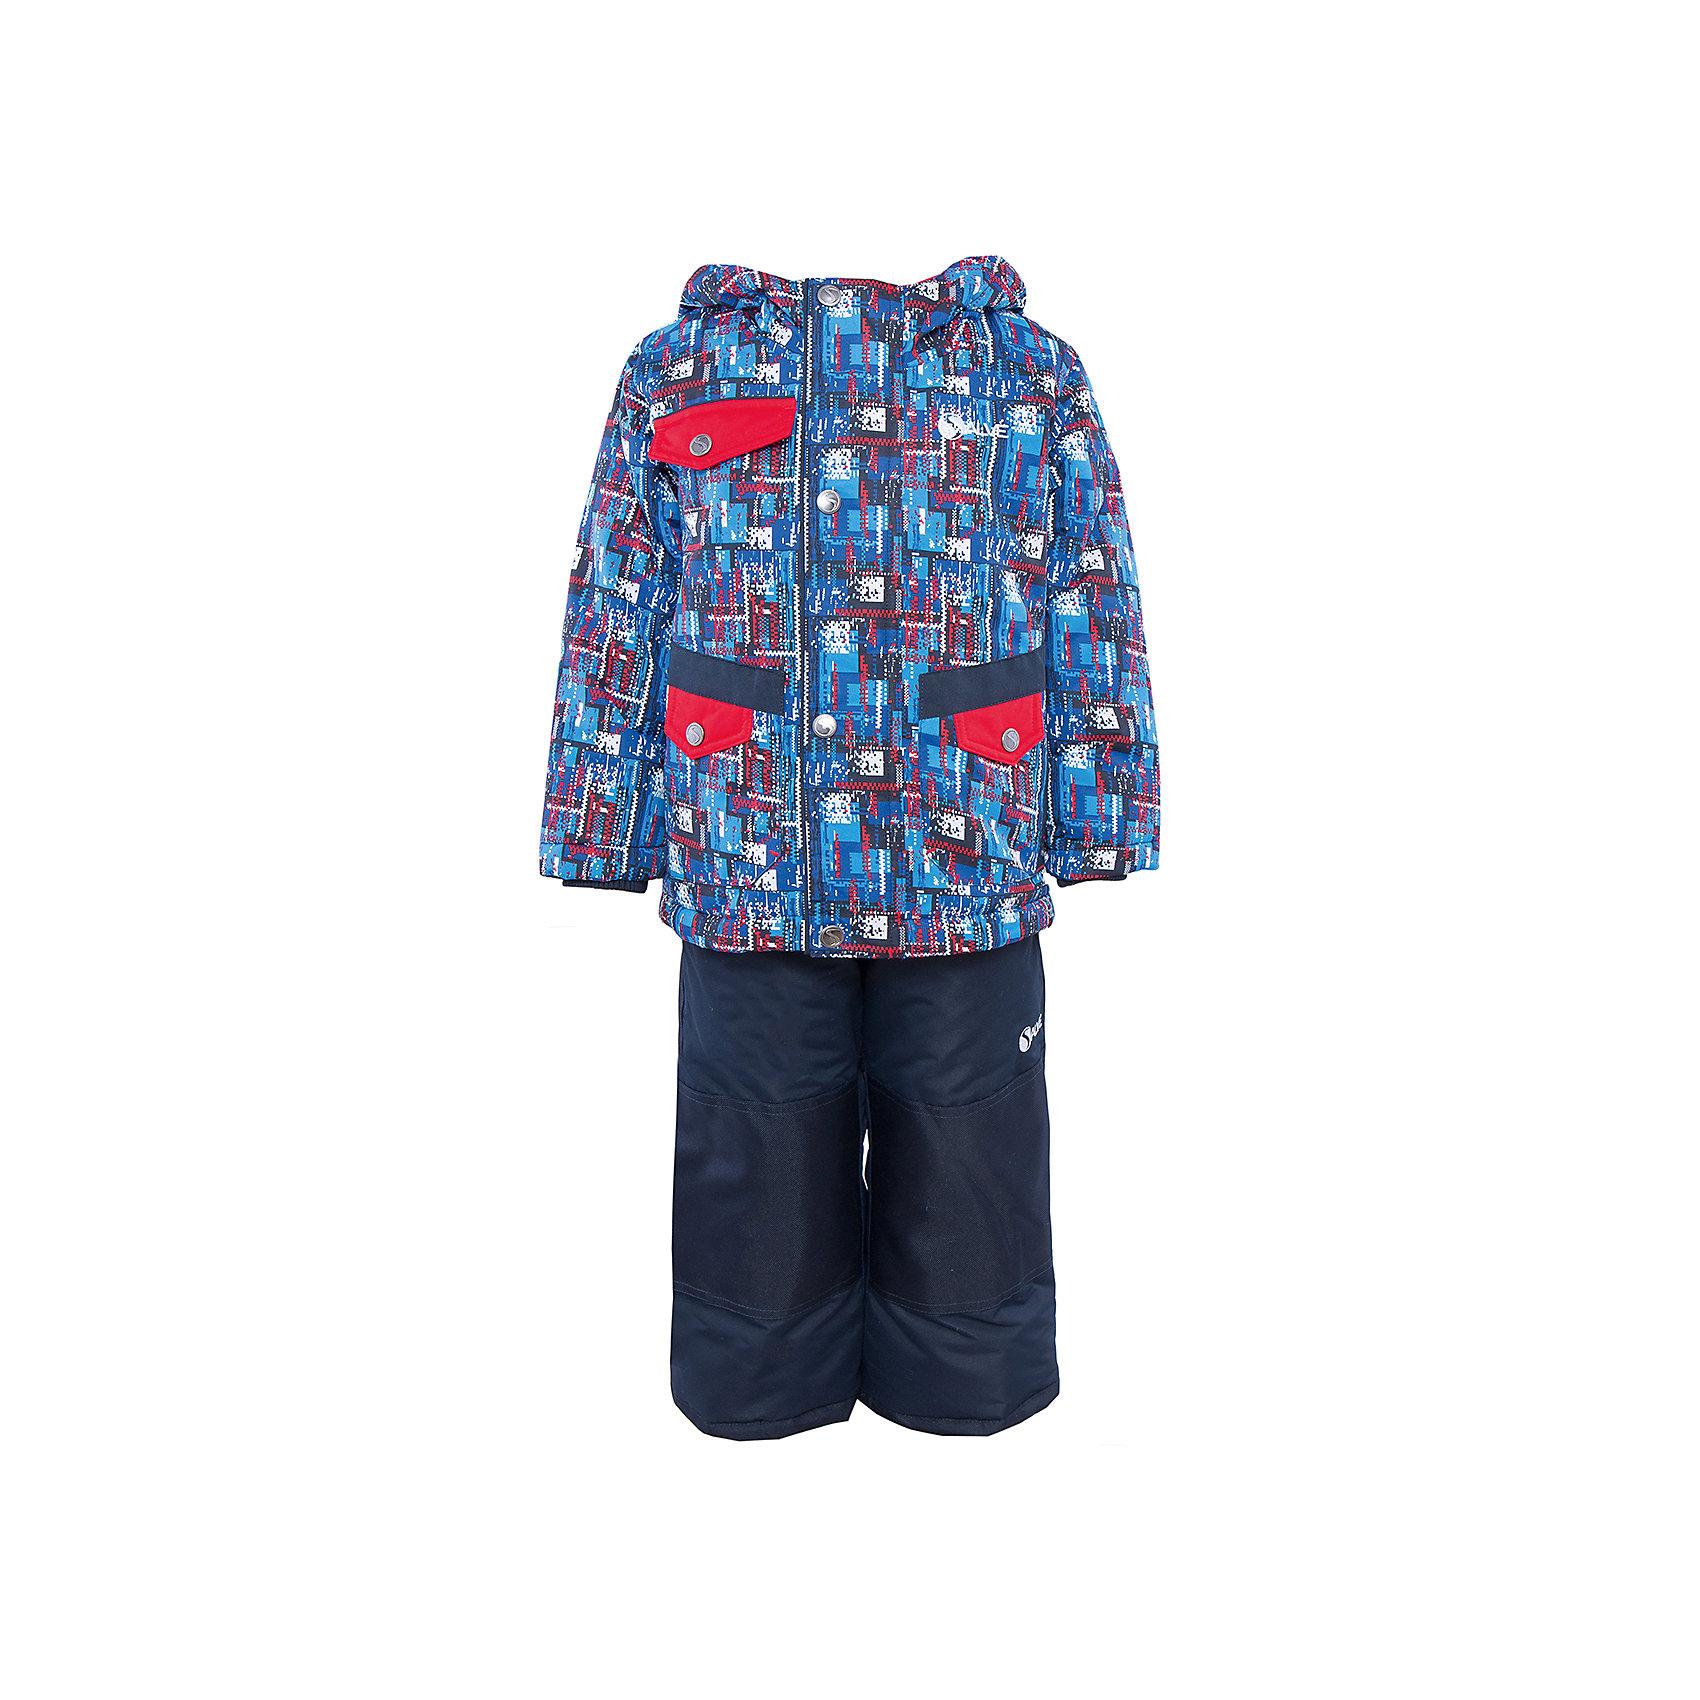 Комплект: куртка и полукомбинезон для мальчика SalveХарактеристики:<br><br>• Сезон: зима<br>• Степень утепления: высокая (куртка – 330 гр/м.кв.; полукомбинезон – 200 гр/м.кв.)<br>• Температурный режим*: от 0 до -30 градусов<br>• Пол: для мальчика<br>• Цвет: синий, красный<br>• Материал: полиэстер 100%<br>• Комплектация: куртка, полукомбинезон<br>• Наличие снегозащитной юбки<br>• Тип застежки: молния, кнопки<br>• Манжеты на куртке: эластичные, трикотажные<br>• Капюшон: не отстегивается<br>• Регулируемые лямки у полукомбинезона<br>• Карманы: 2 боковых и 1 на груди у куртки <br>• Уход: допускается стирка без чистящих и отбеливающих средств<br><br>Бренд Salve разработан и произведён канадской компанией Gusti International специально для российского рынка.<br><br>Комплект: куртка и полукомбинезон для мальчика Salve предназначен для прогулок в самое холодное время года. Изделие обеспечено высокой степенью утепления. Верхняя часть комплекта выполнена из полиэстера, который обладает ветрозащитными и влагонепропускаемыми свойствами. Подклад на куртке выполнен из флиса. Для обеспечения поддержания микроклимата имеются эластичные трикотажных манжеты на рукавах куртки и резинки на брюках. Изделие выполнено из прочной ткани, имеется усиление на коленях, по низу полукомбинезона и сзади. Крой комплекта выполнен с учетом повышенной подвижности ребенка во время зимних прогулок: расширенные брючины не сковывают движений. <br>Комплект: куртка и полукомбинезон для мальчика Salve выполнен в ярком дизайне: сине-красная куртка с графическими элементами и полукомбинезон в классическом темном цвете.<br><br>Комплект: куртку и полукомбинезон для мальчика Salve можно купить в нашем интернет-магазине.<br><br>Ширина мм: 356<br>Глубина мм: 10<br>Высота мм: 245<br>Вес г: 519<br>Цвет: синий<br>Возраст от месяцев: 24<br>Возраст до месяцев: 36<br>Пол: Мужской<br>Возраст: Детский<br>Размер: 98,128,92,122,116,110,104<br>SKU: 5044711